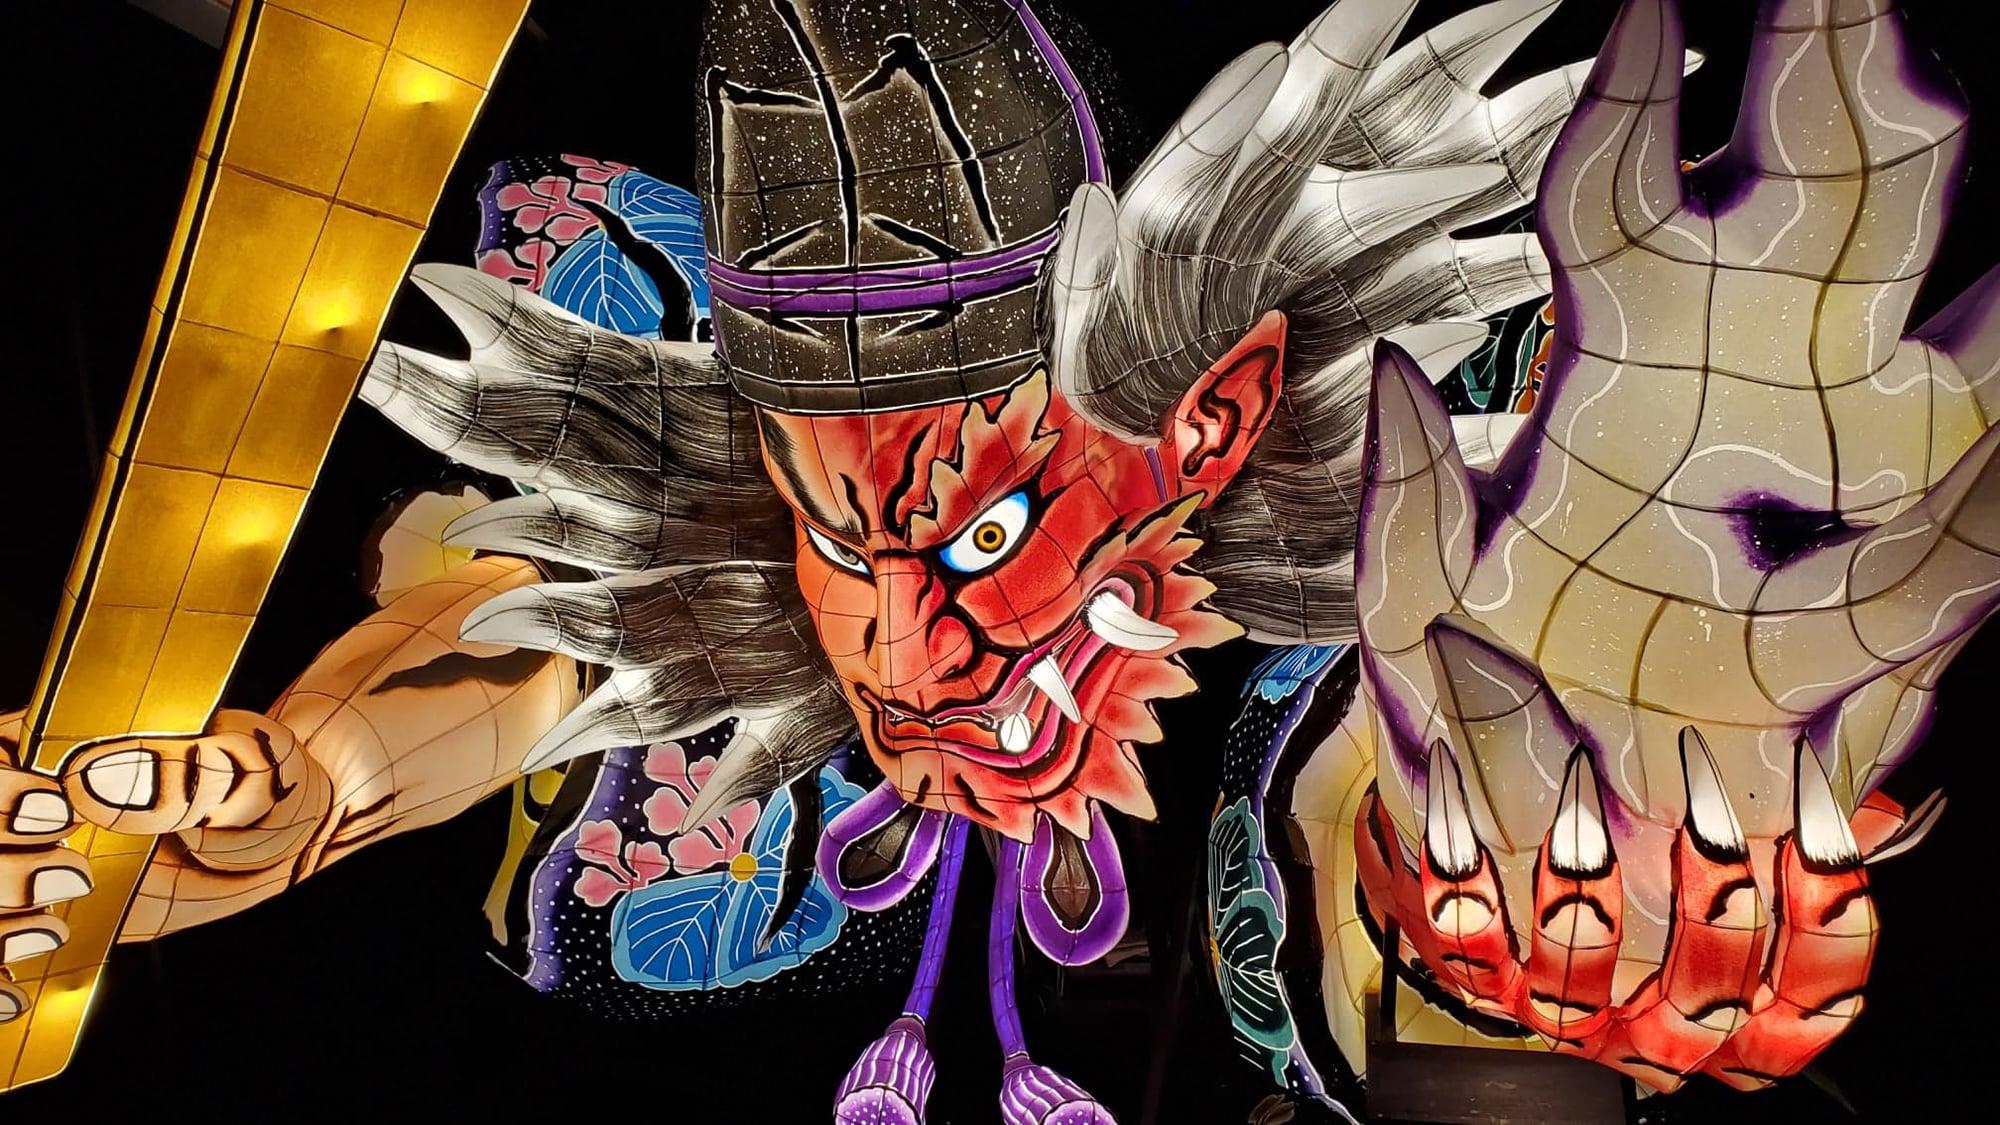 ねぶた師の北村春一(青森県)の迫力ある作品に、光演出のデザインを手掛ける西条信広氏が息を吹き込む。 観客の選択によって変わるストーリーの結末にも注目。